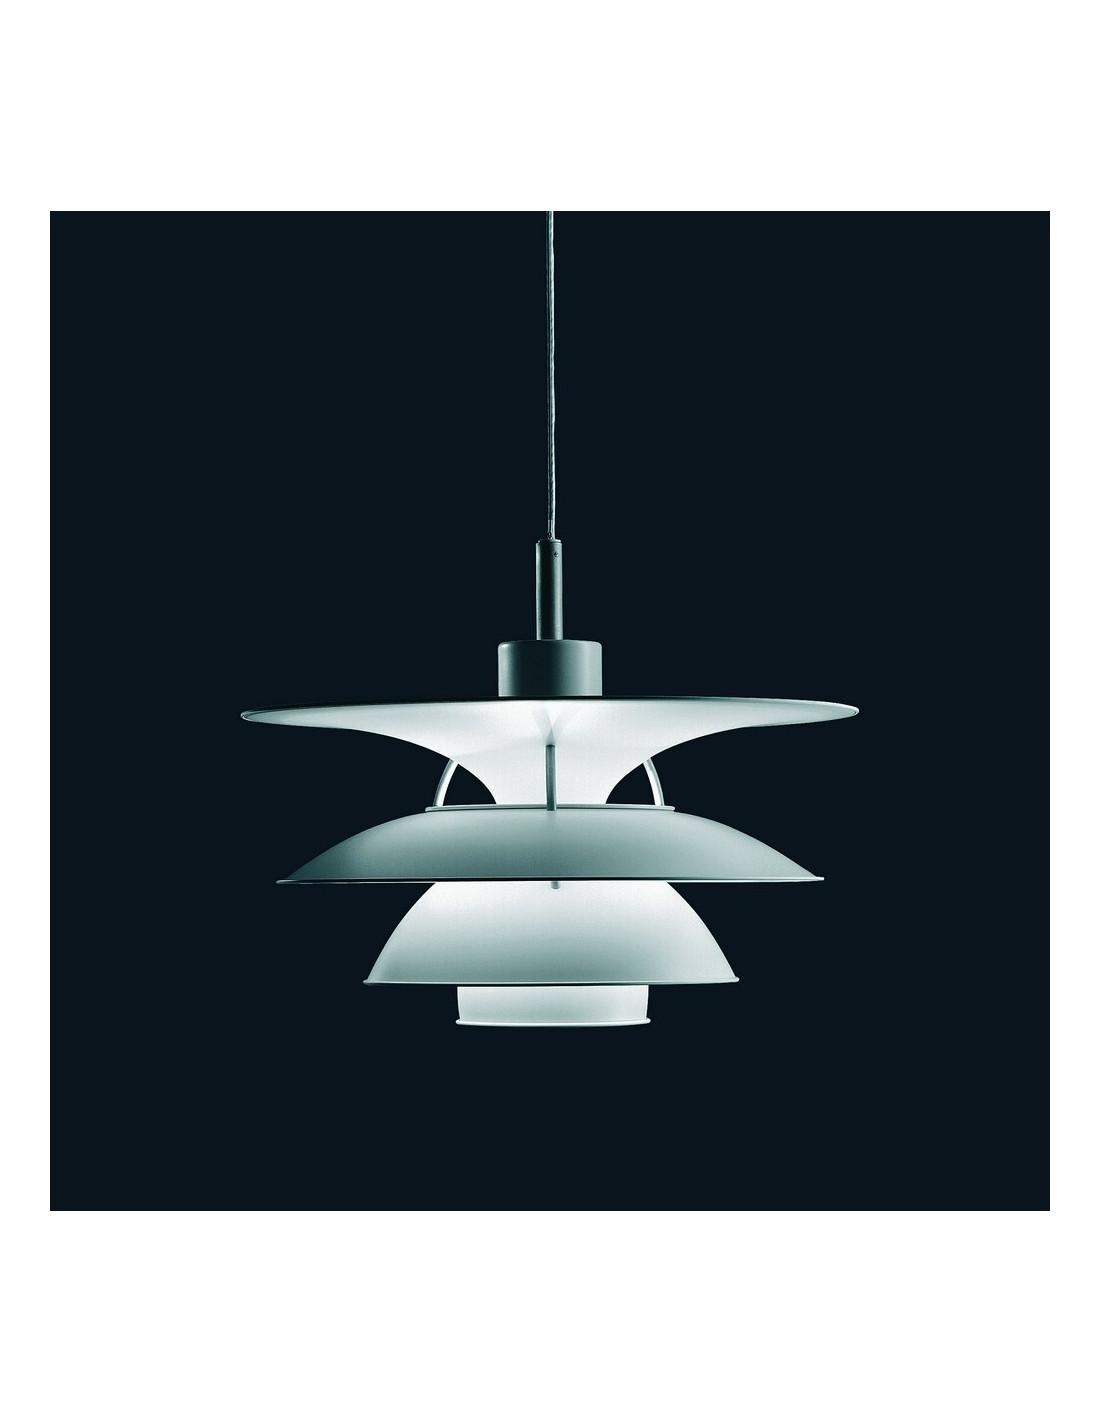 suspensions ph 5 4 et ph 6 6 design henningsen. Black Bedroom Furniture Sets. Home Design Ideas